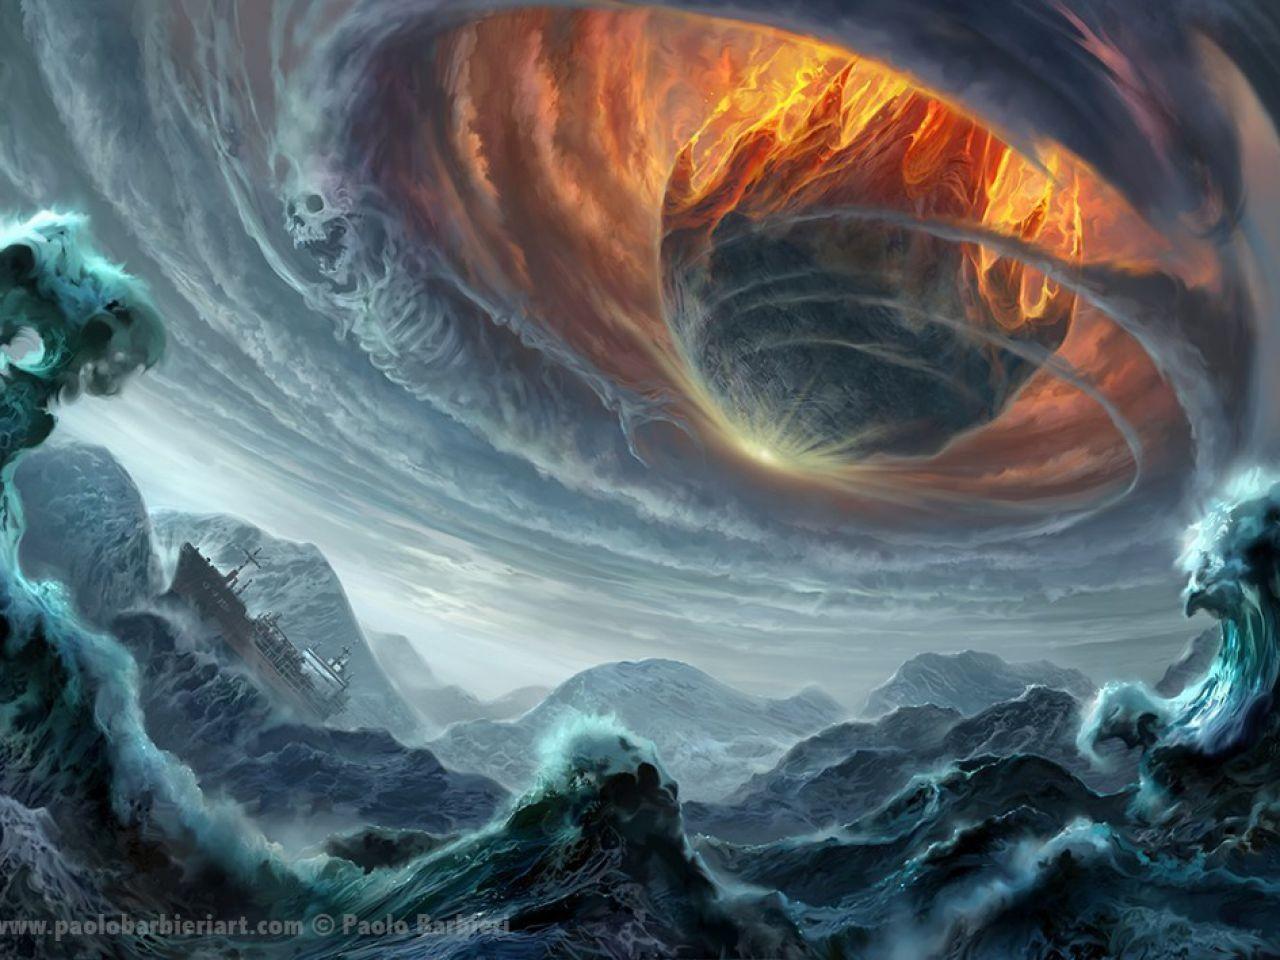 """Il 23 Settembre ci sarà l'Apocalisse"""", la nuova teoria che non ha alcun fondamento"""